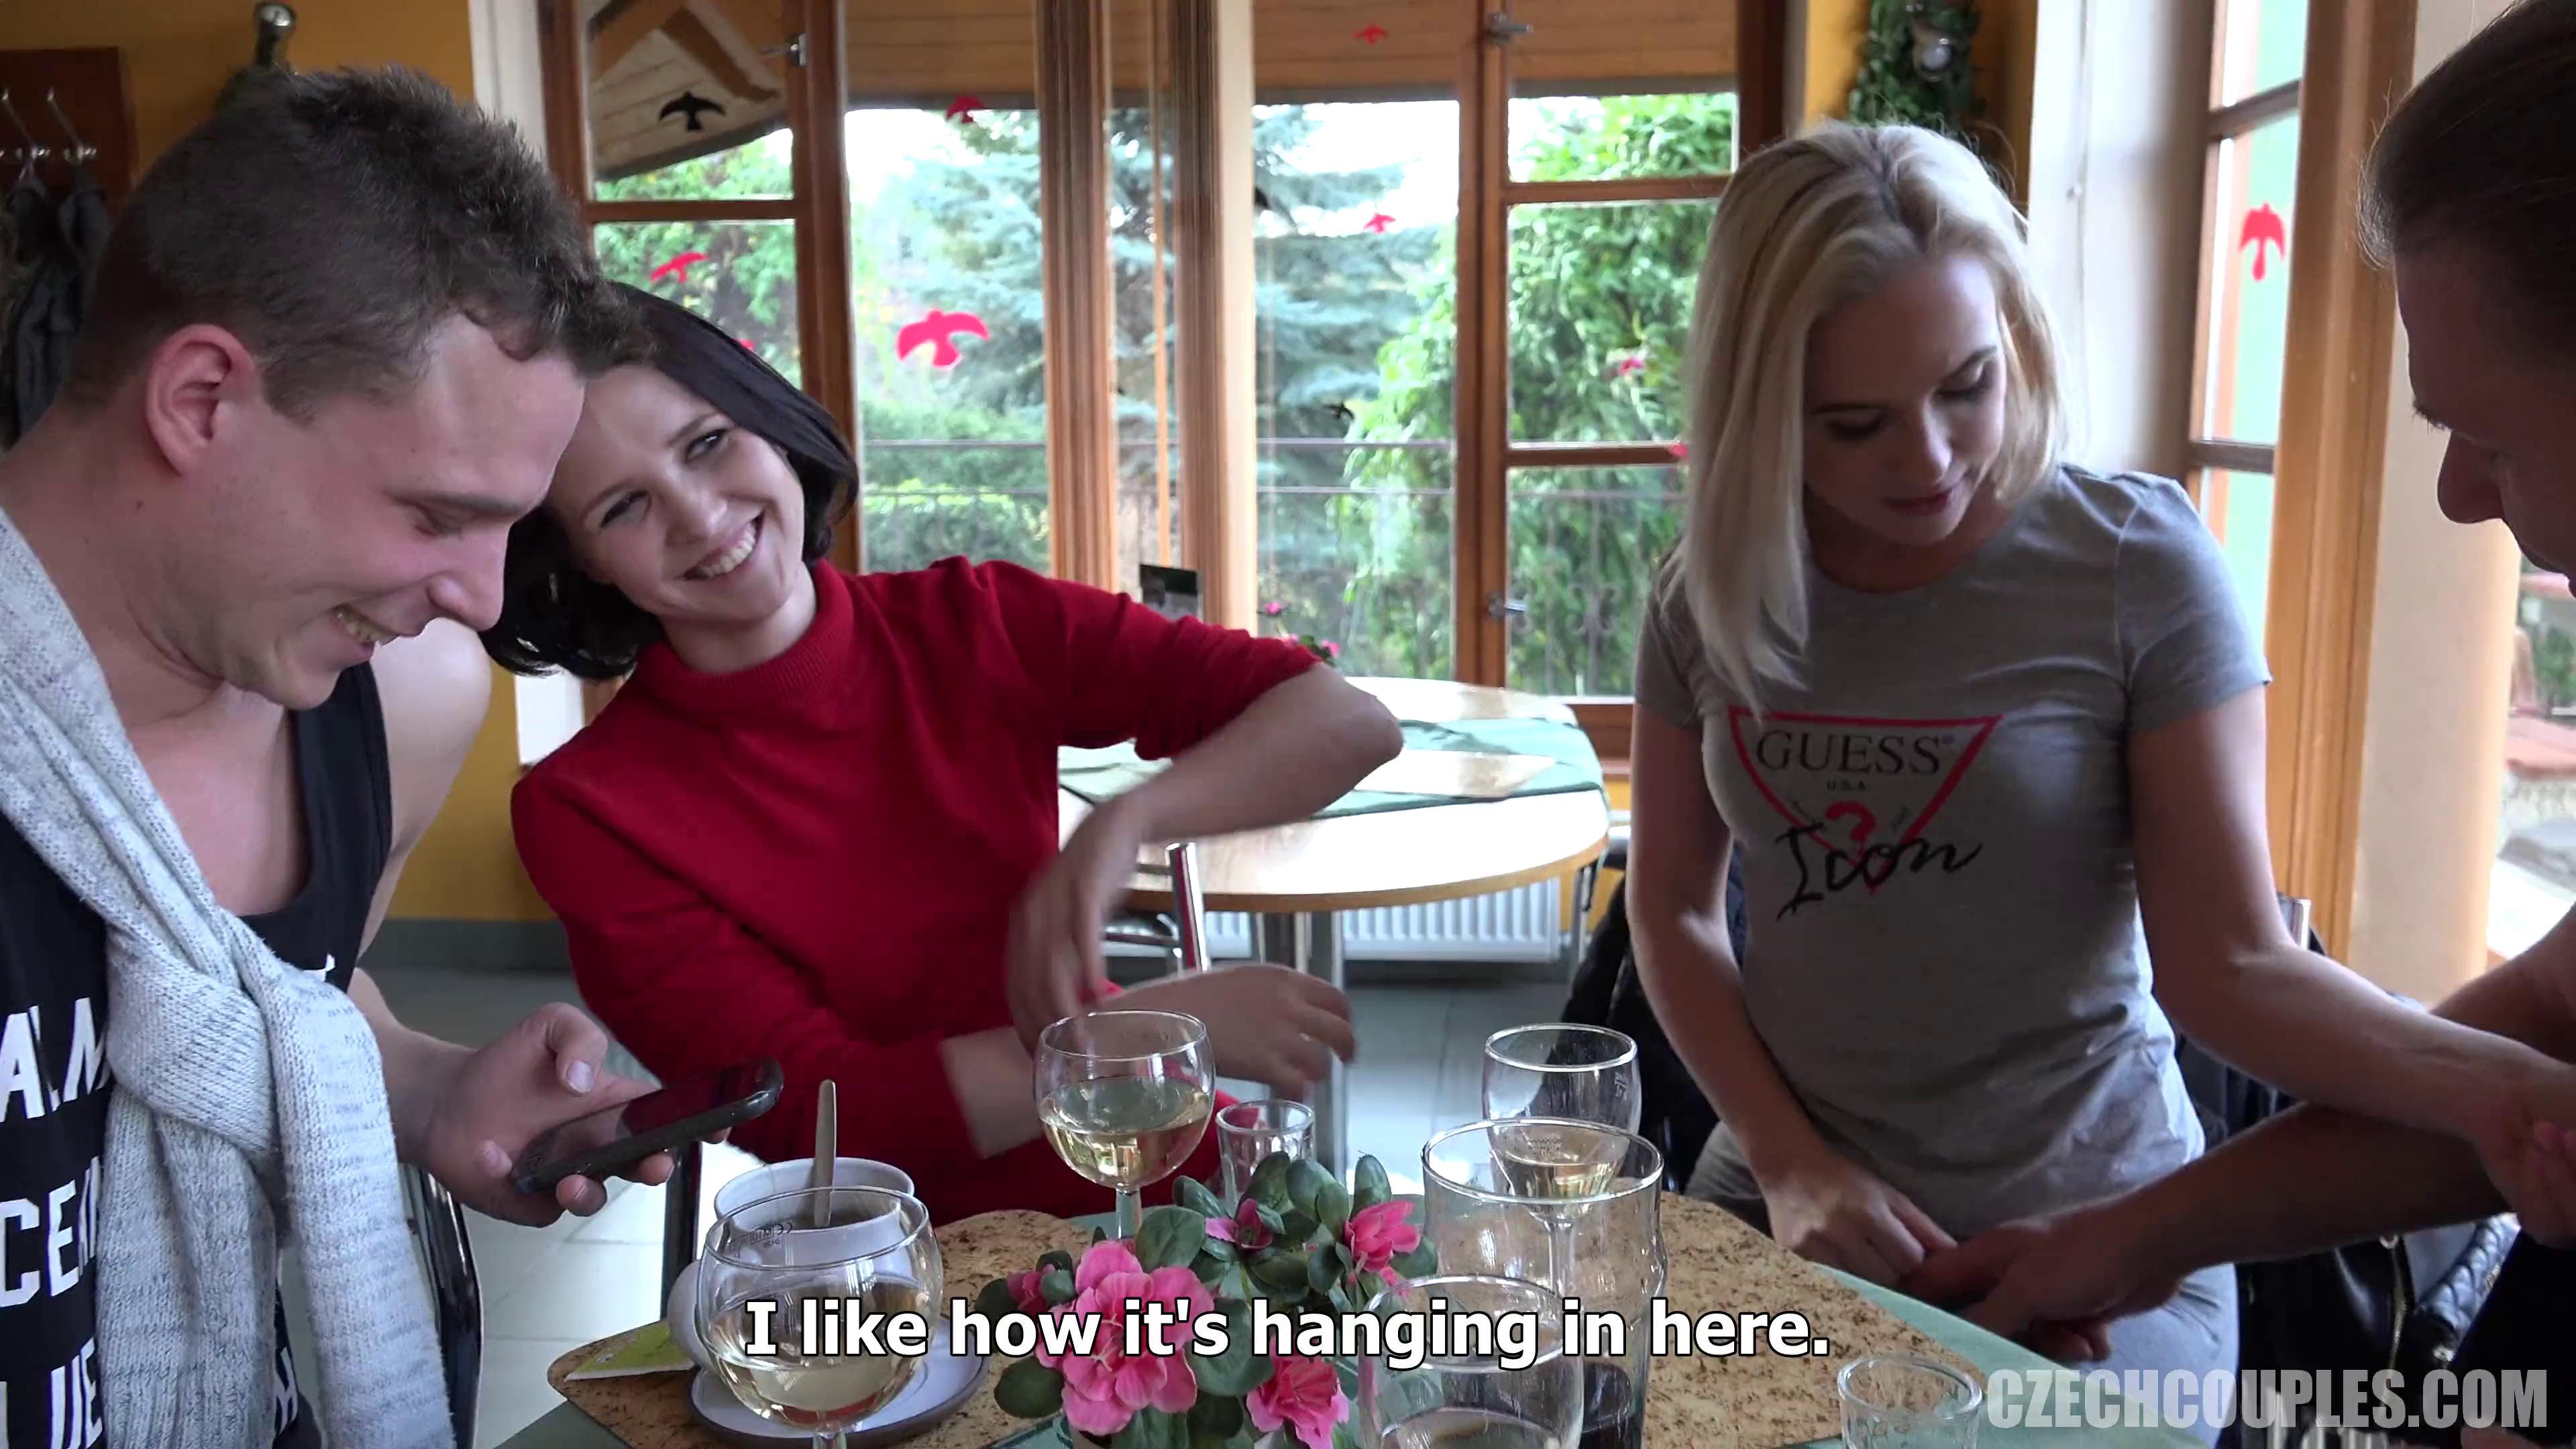 CzechCouples 36 Kafede Tanıştıkları Çiftleri Tuvalette Sikişmeye İkna Ediyorlar Türkçe Altyazılı Porno